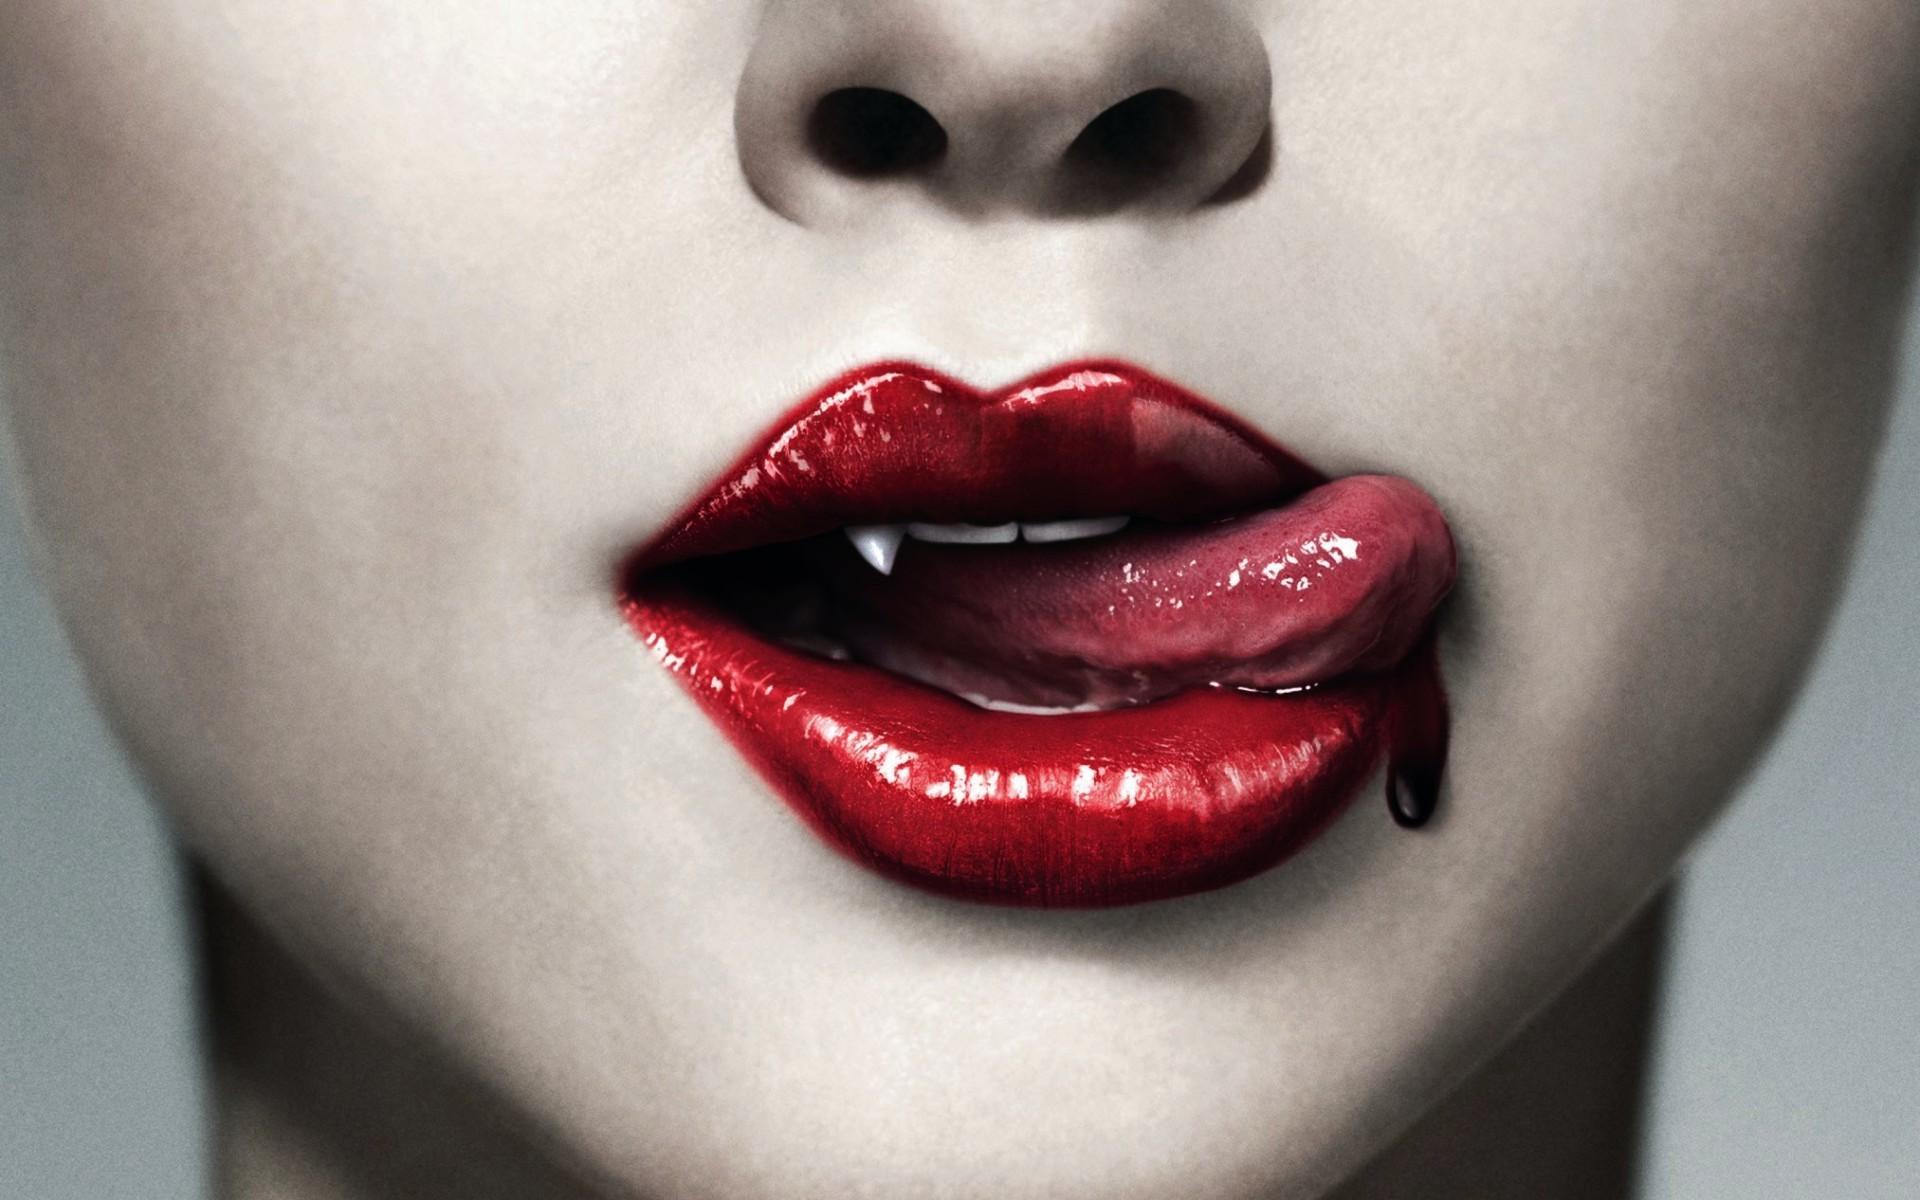 デスクトップ壁紙 面 赤 口紅 吸血鬼 口ひげ 鼻 ピンク 感情 頭 真の血 美しさ 眼 舌 リップ 化粧品 器官 閉じる まつげ 19x10 Saulx123 デスクトップ壁紙 Wallhere